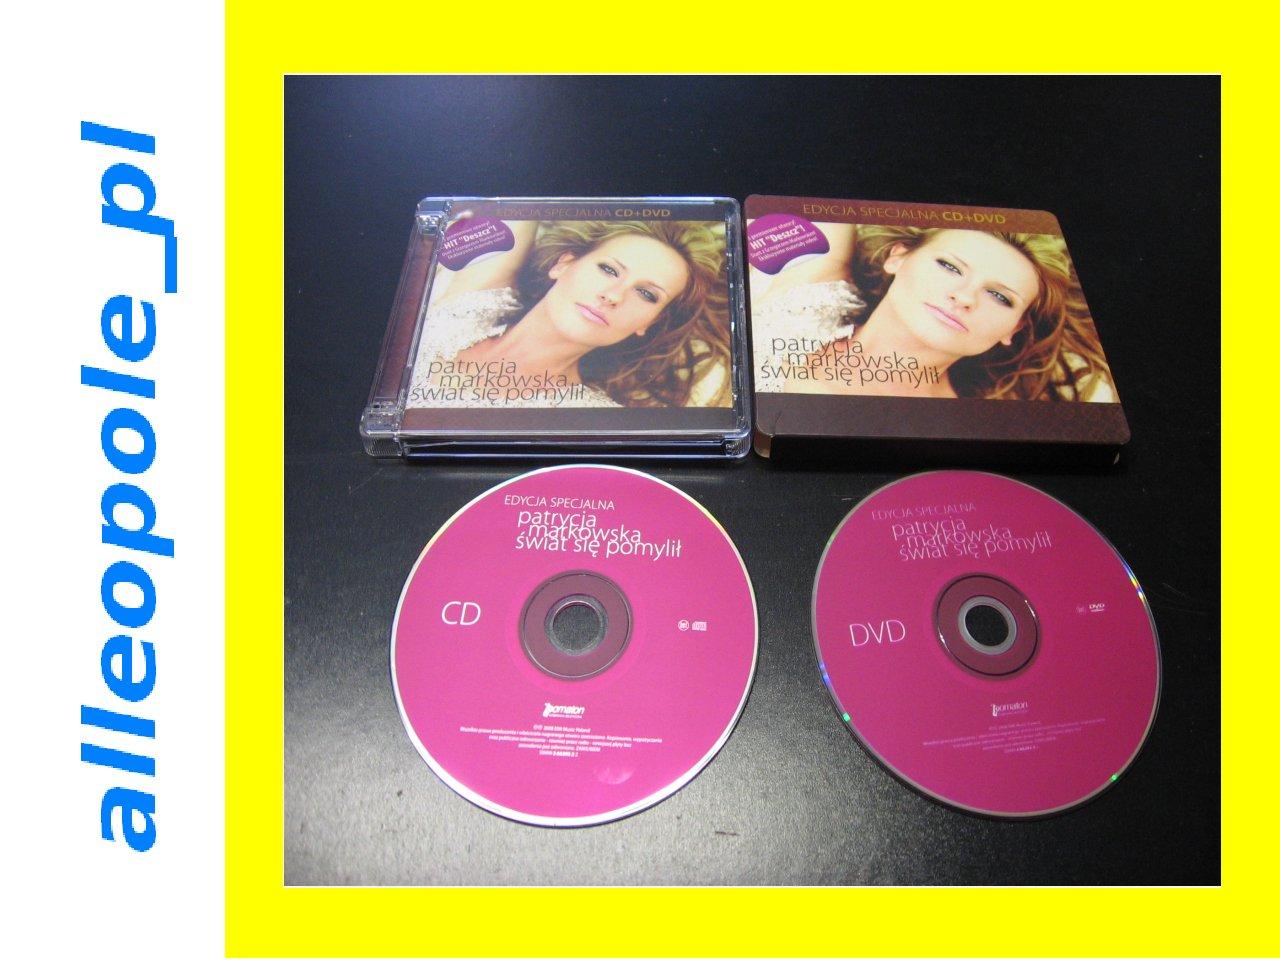 PATRYCJA MARKOWSKA Świat Się Pomylił - 1 CD + 1 DVD - Opole